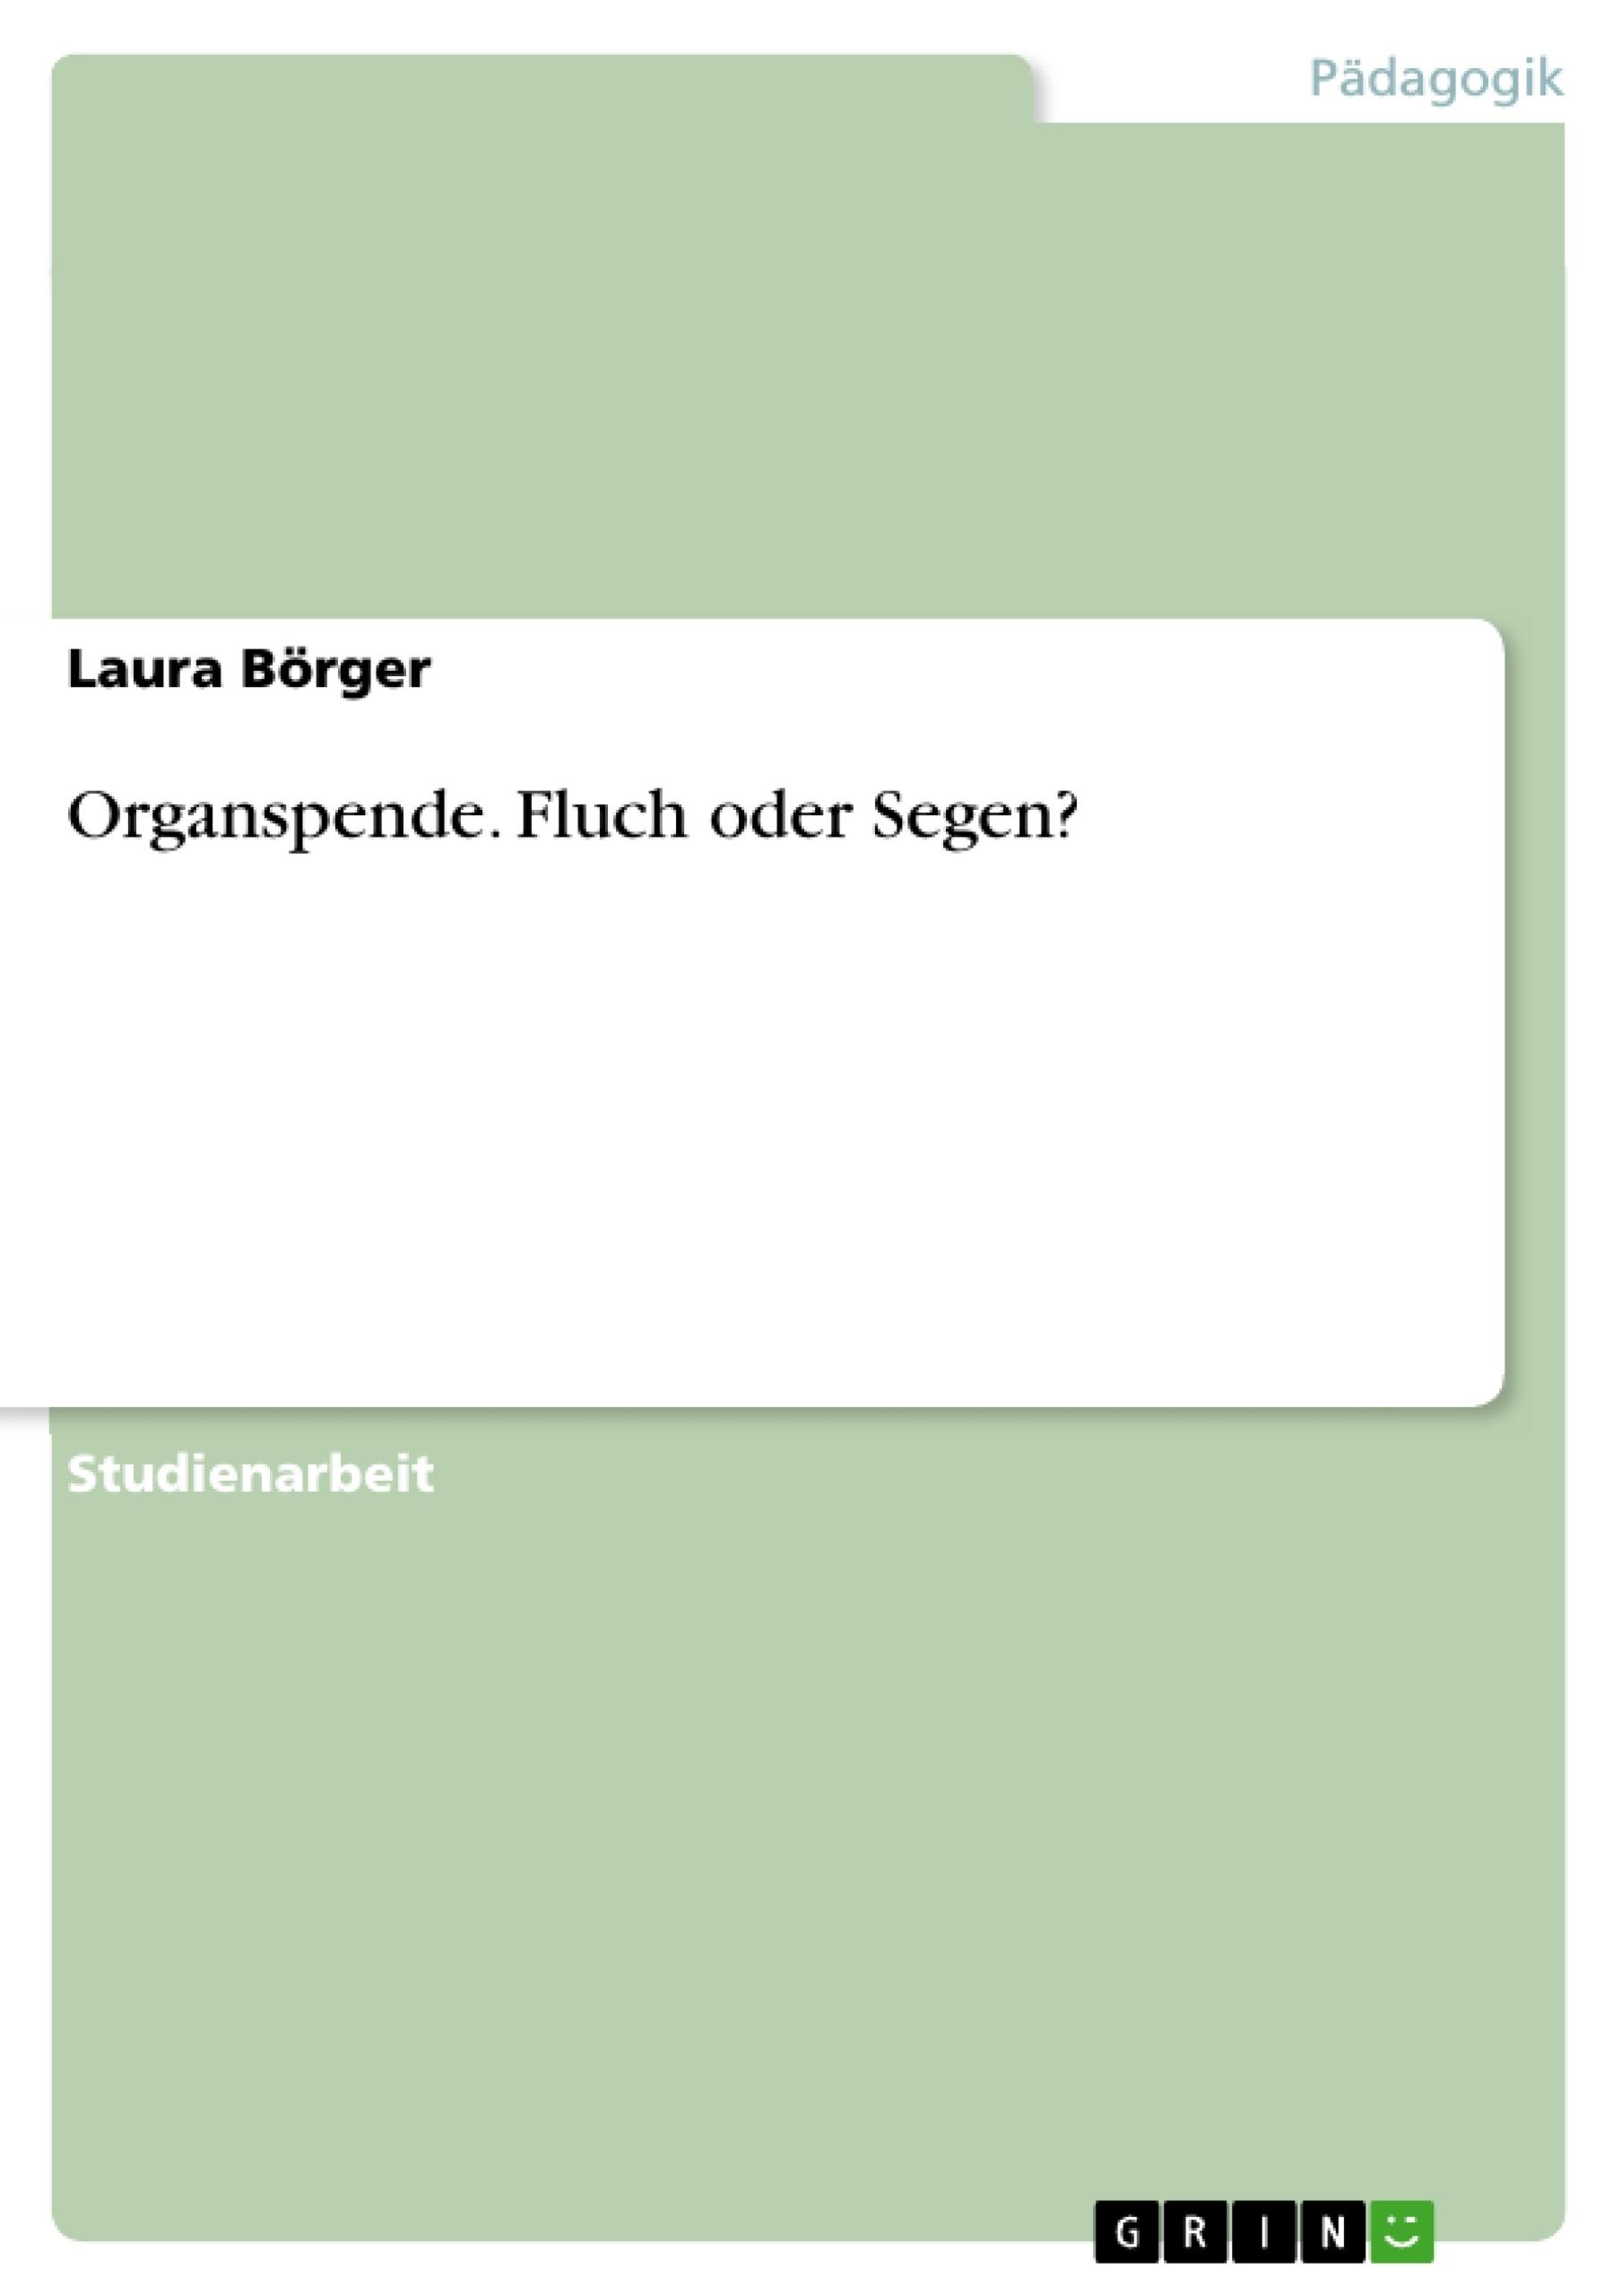 Titel: Organspende. Fluch oder Segen?